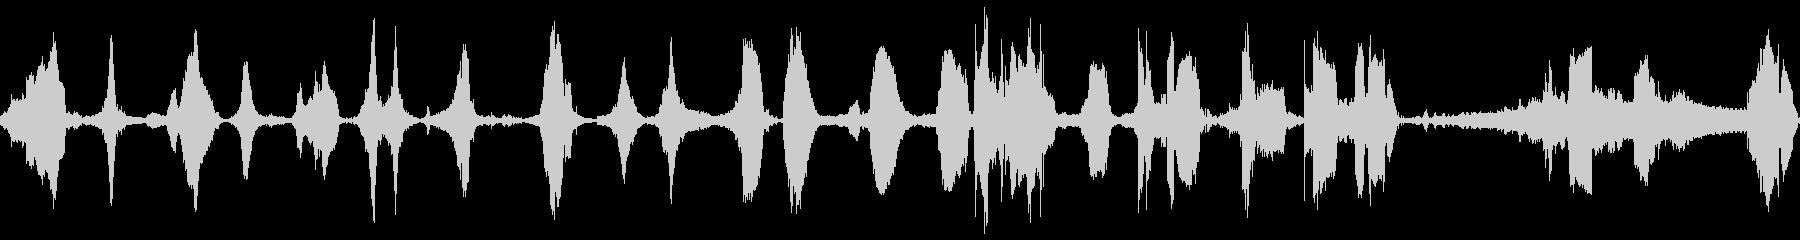 車のポンティアックドライブ複数の未再生の波形